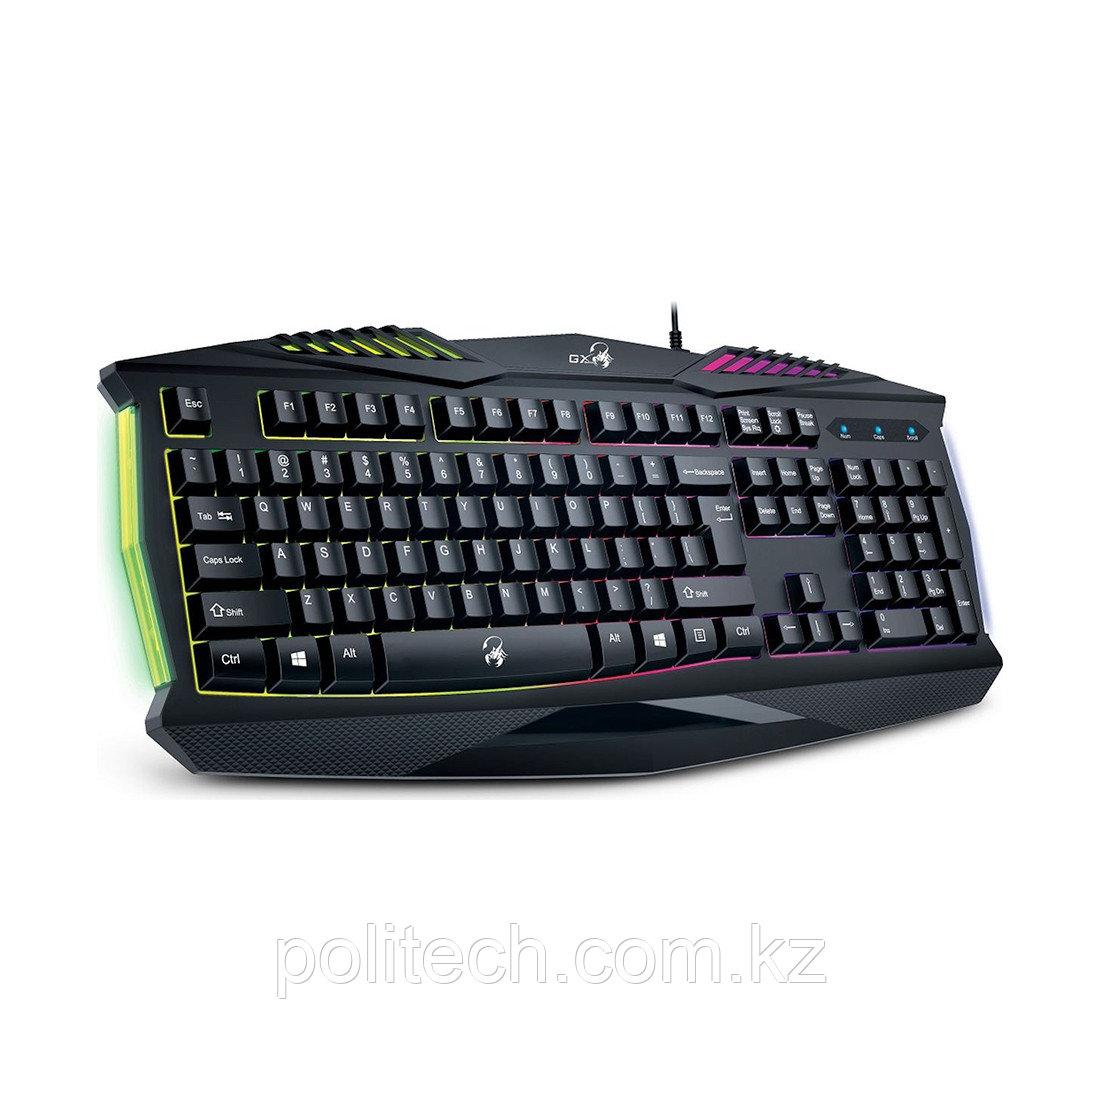 Клавиатура Genius Scorpion K220